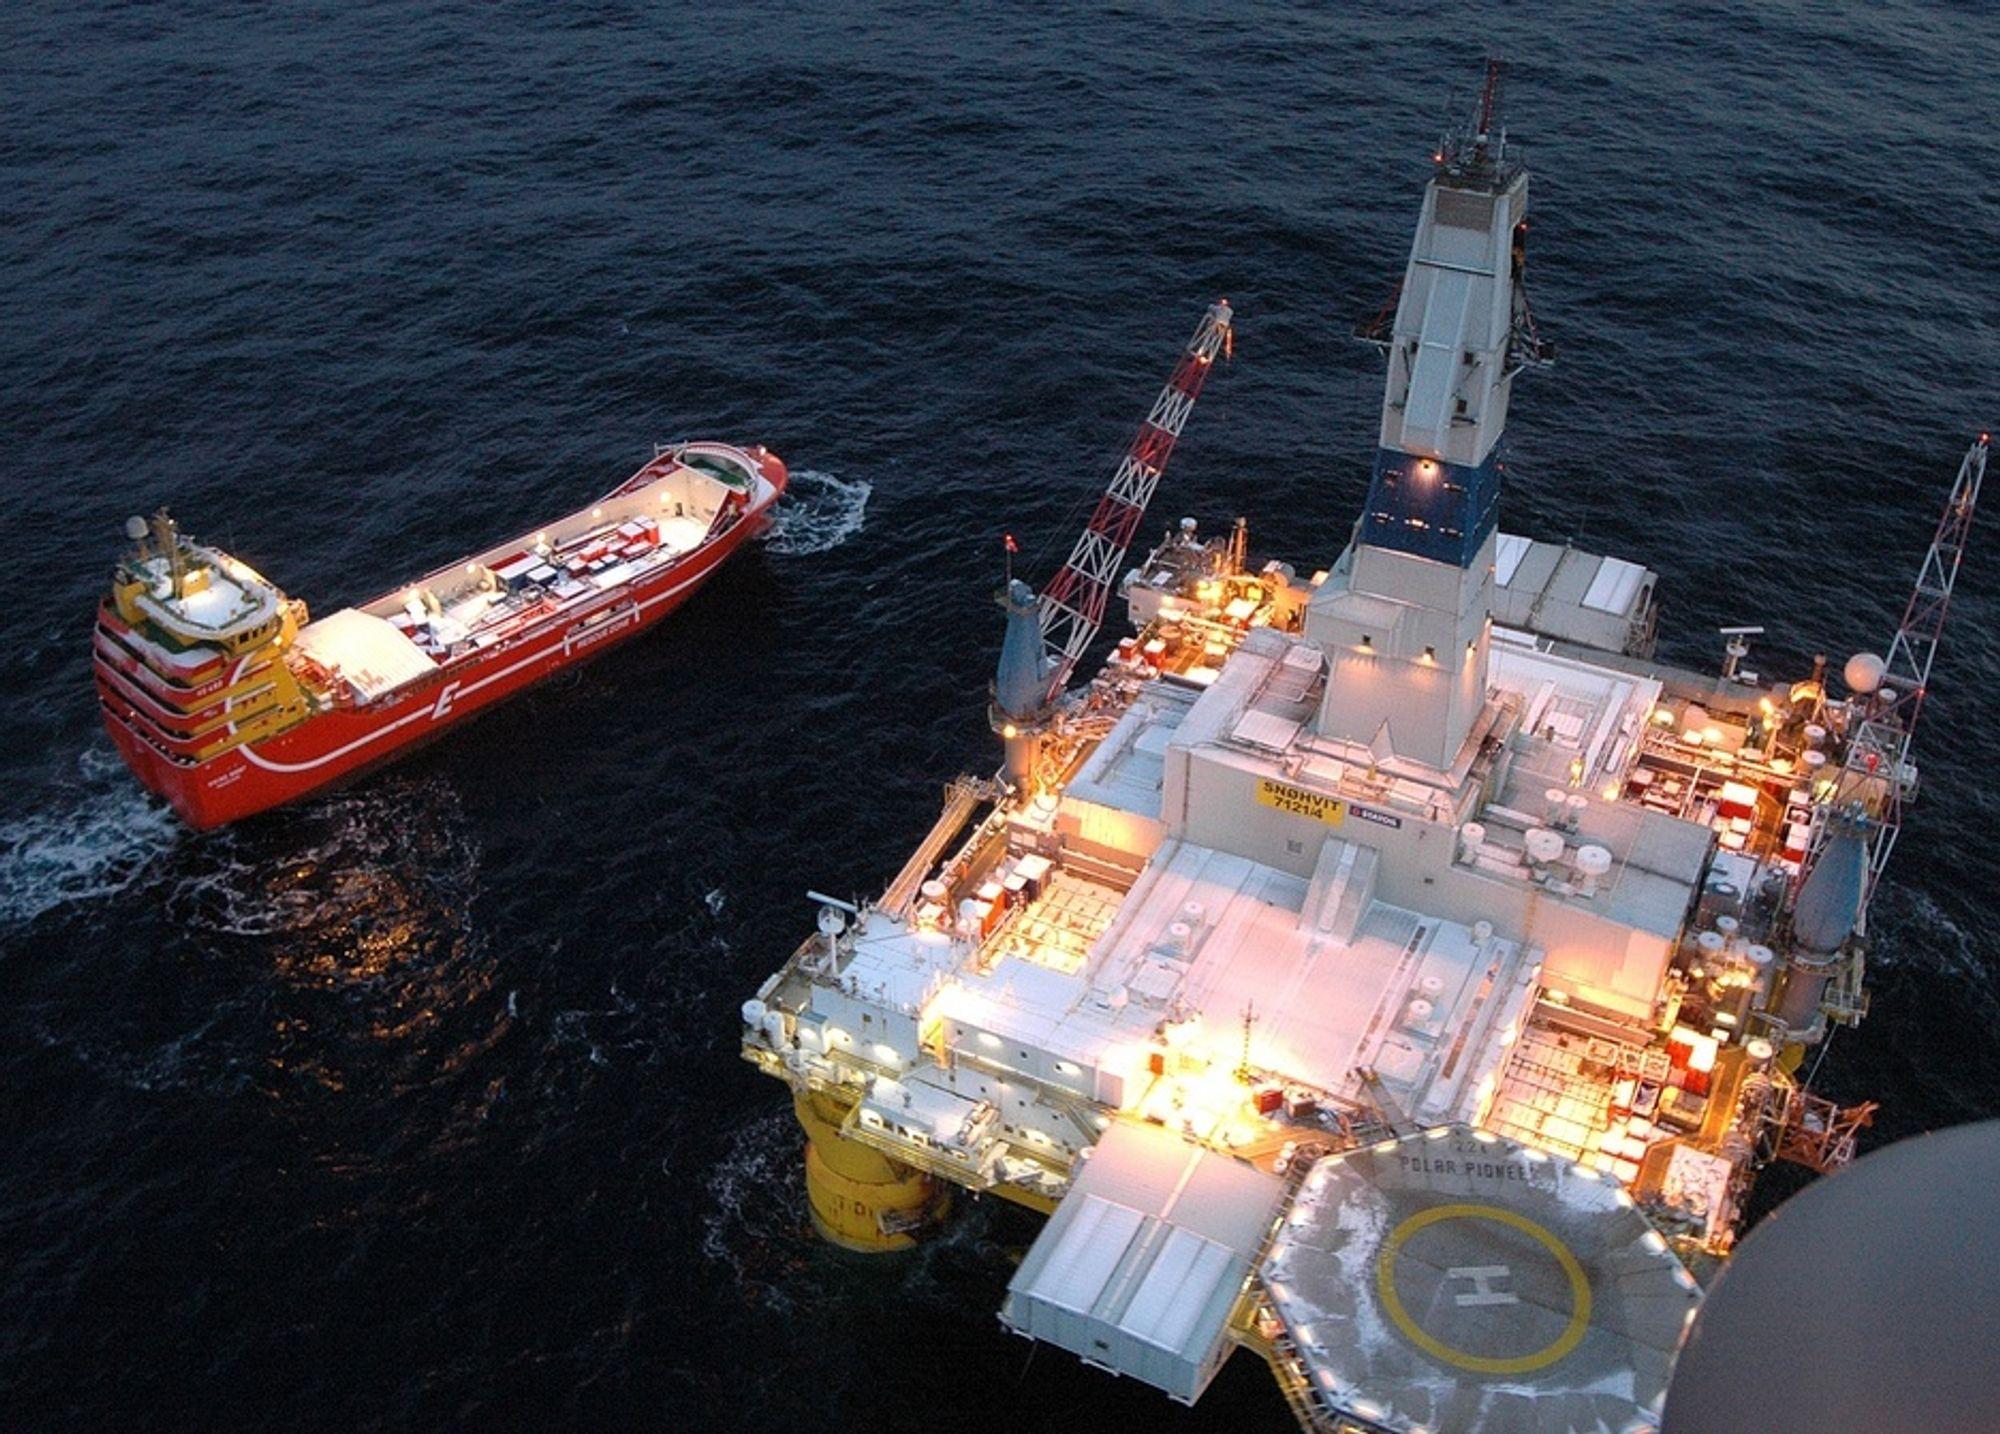 Slutt på protester: Tidligere har det vært store protester mot boringer i Barentshavet, som på Hydros Nuculaprosjekt. Men i dag har dette blitt en nødvendig del av kompromisset.